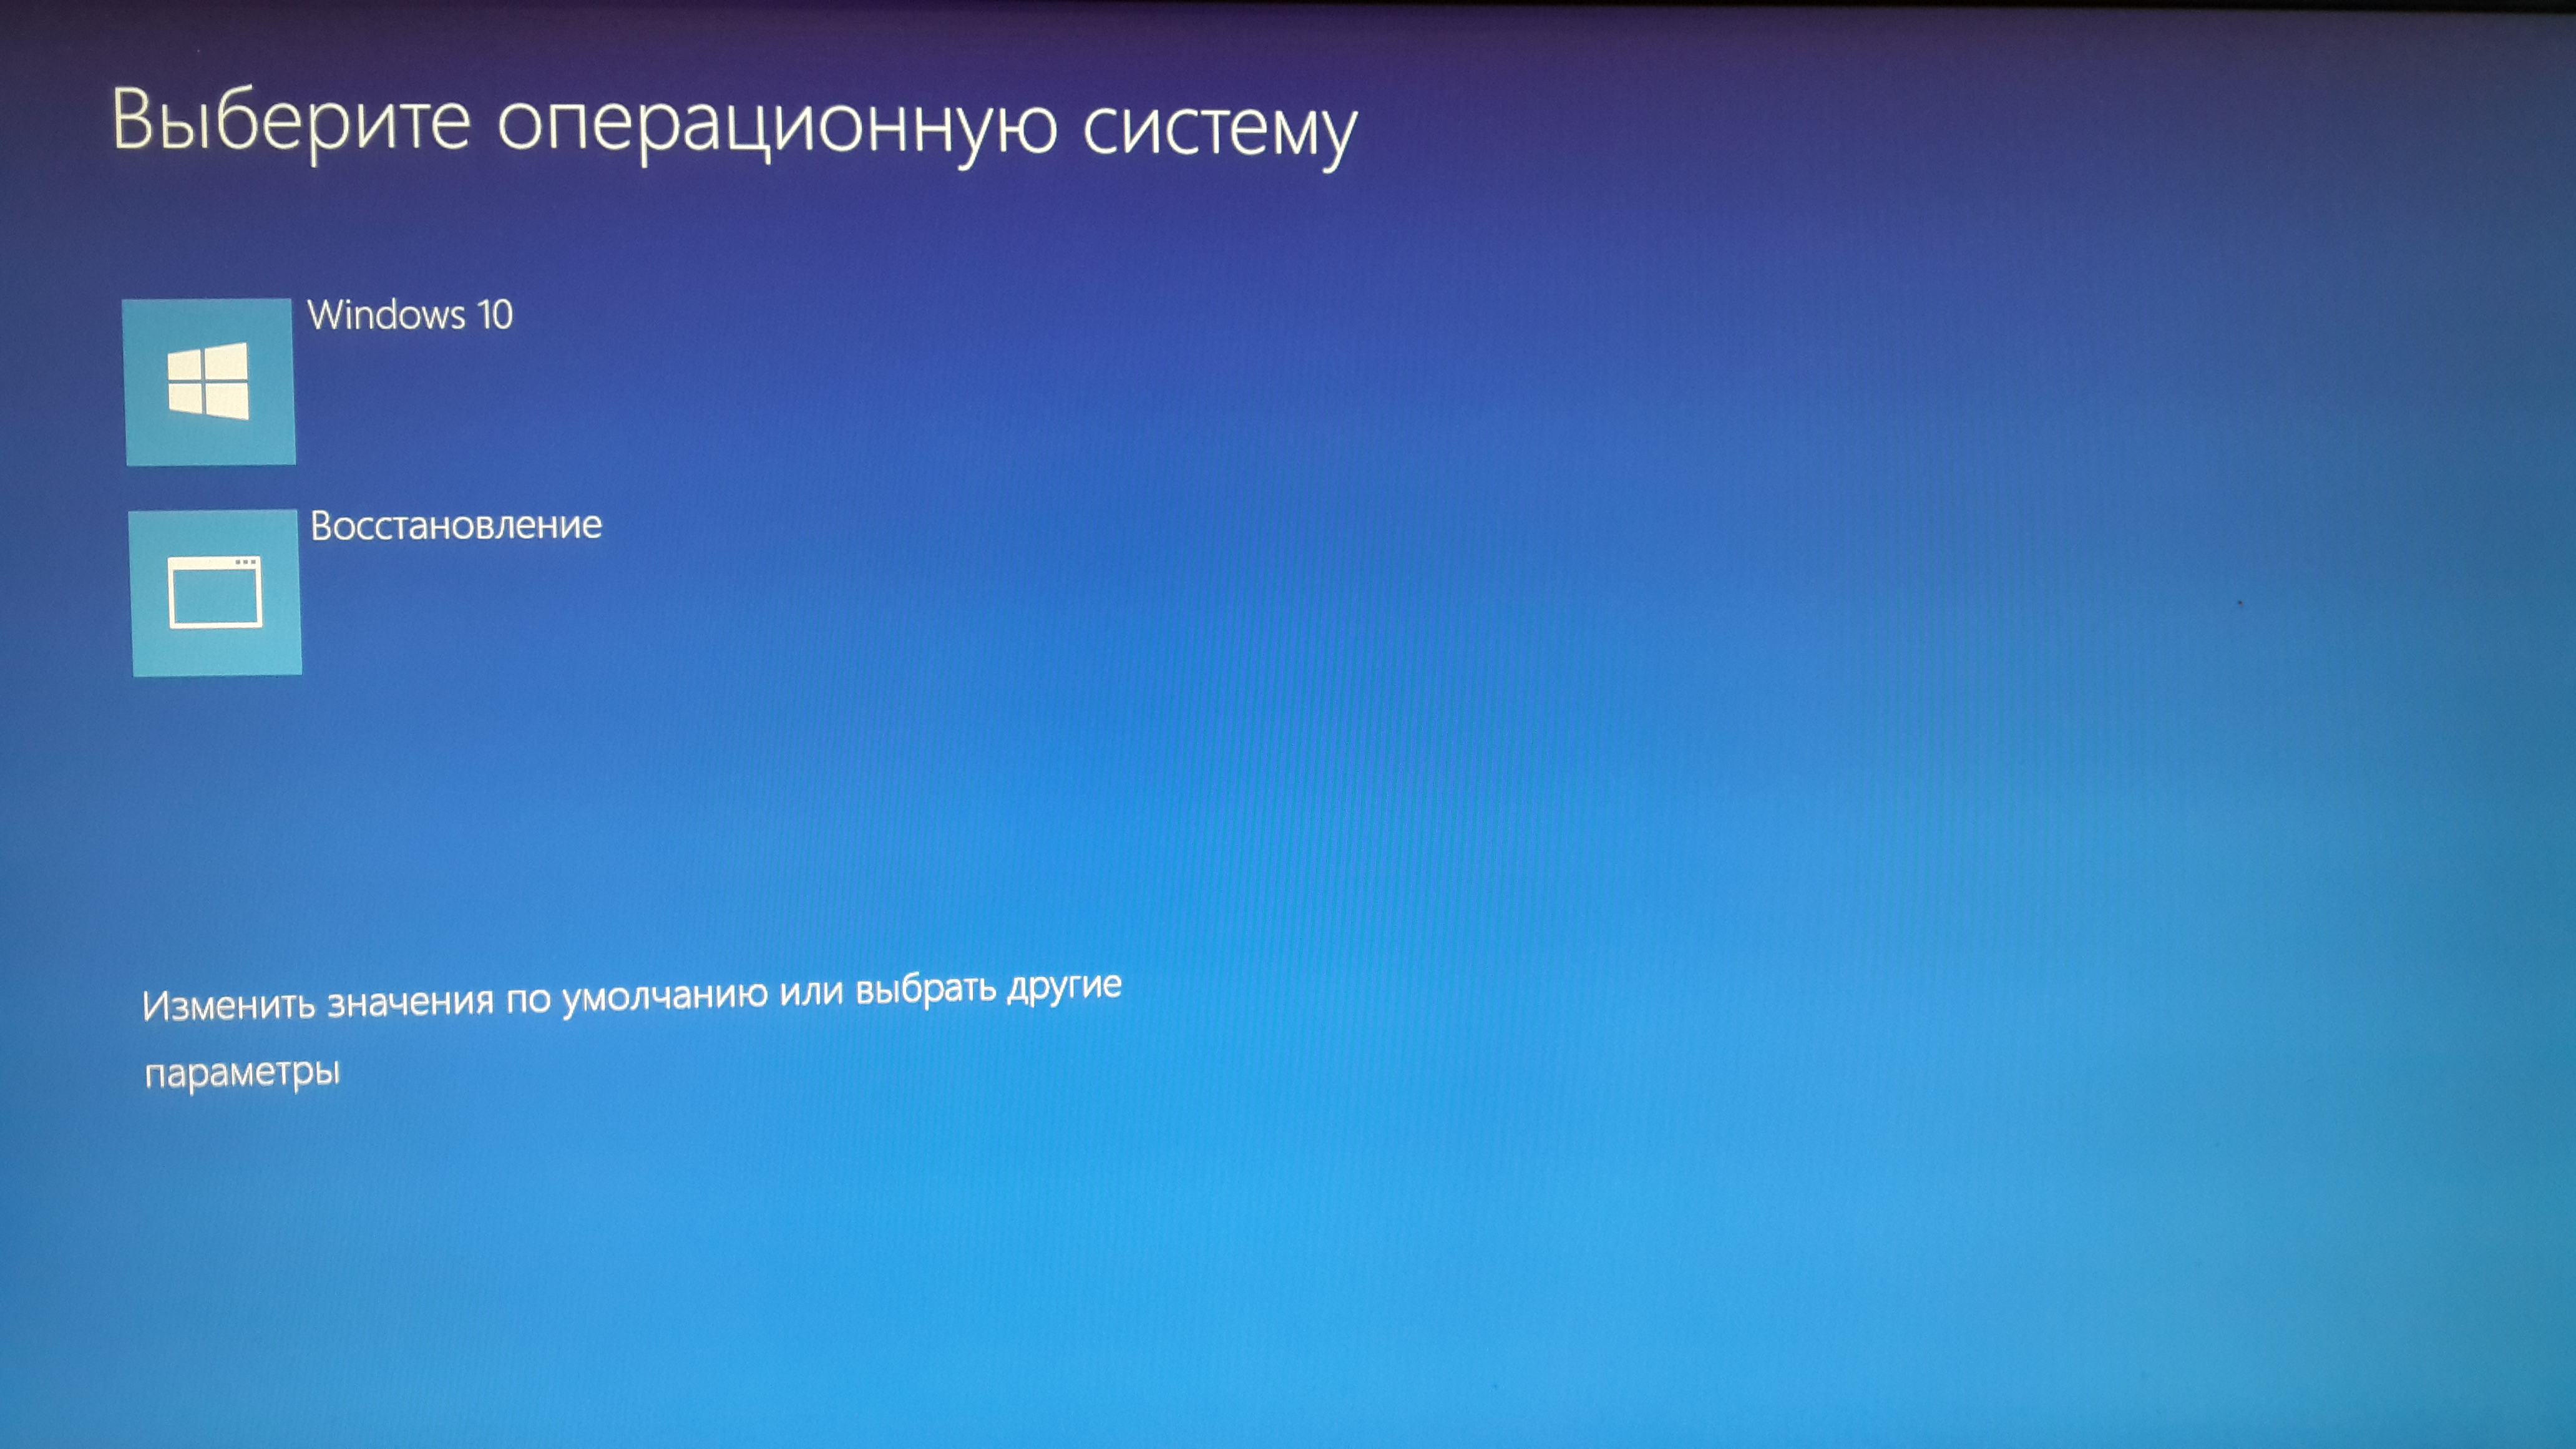 Boot меню после перезагрузки системы